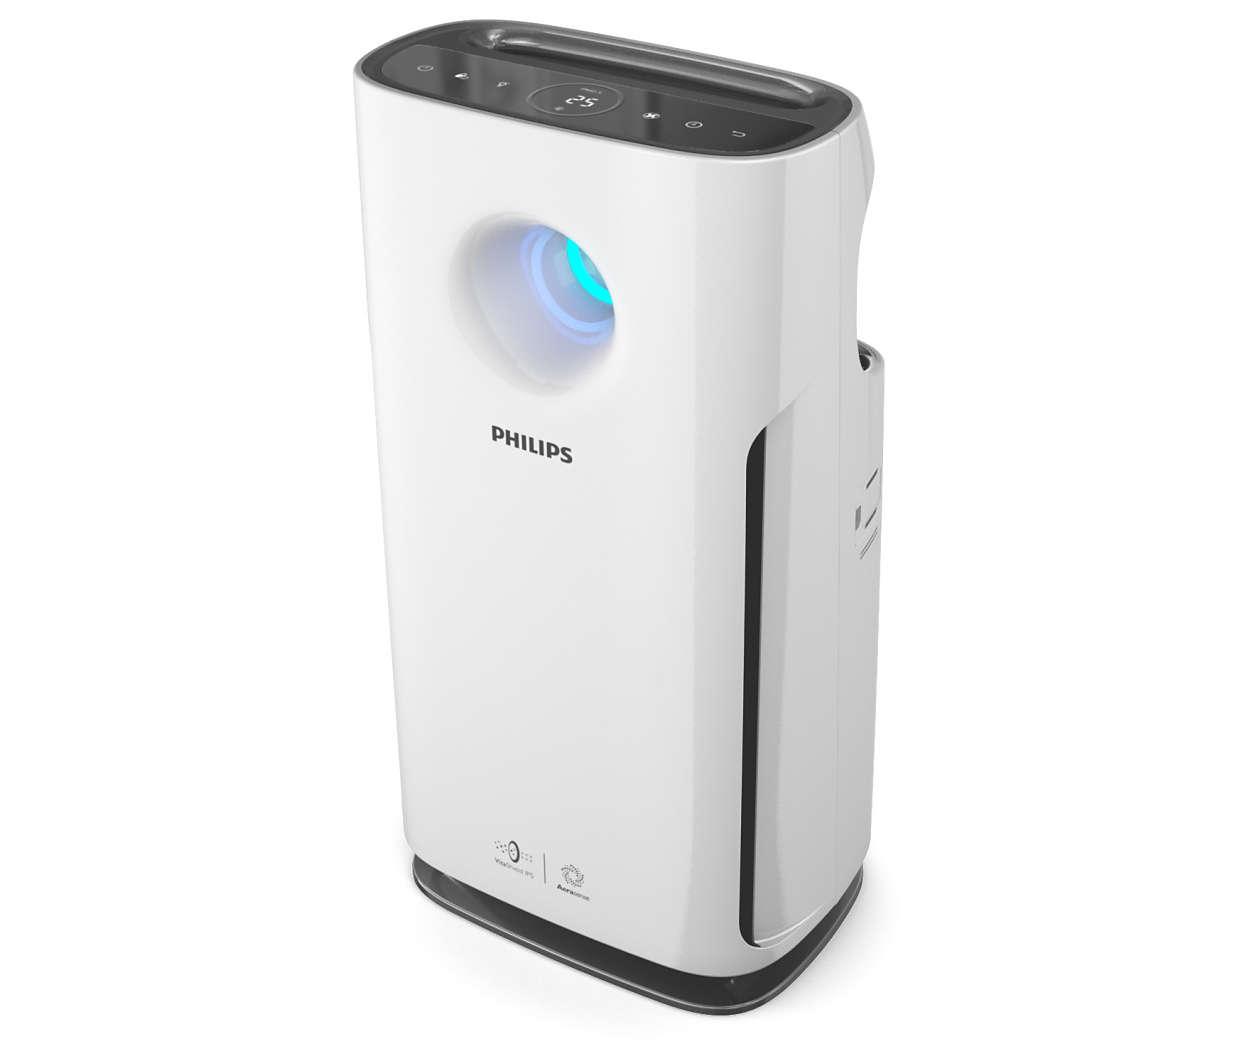 Monland Ionizer Purificateur dair pour la Maison G/éN/éRateur Dions N/éGatifs Filtre /à Air Supprimer Purification De Formald/éHyde Fum/éE Poussi/èRe